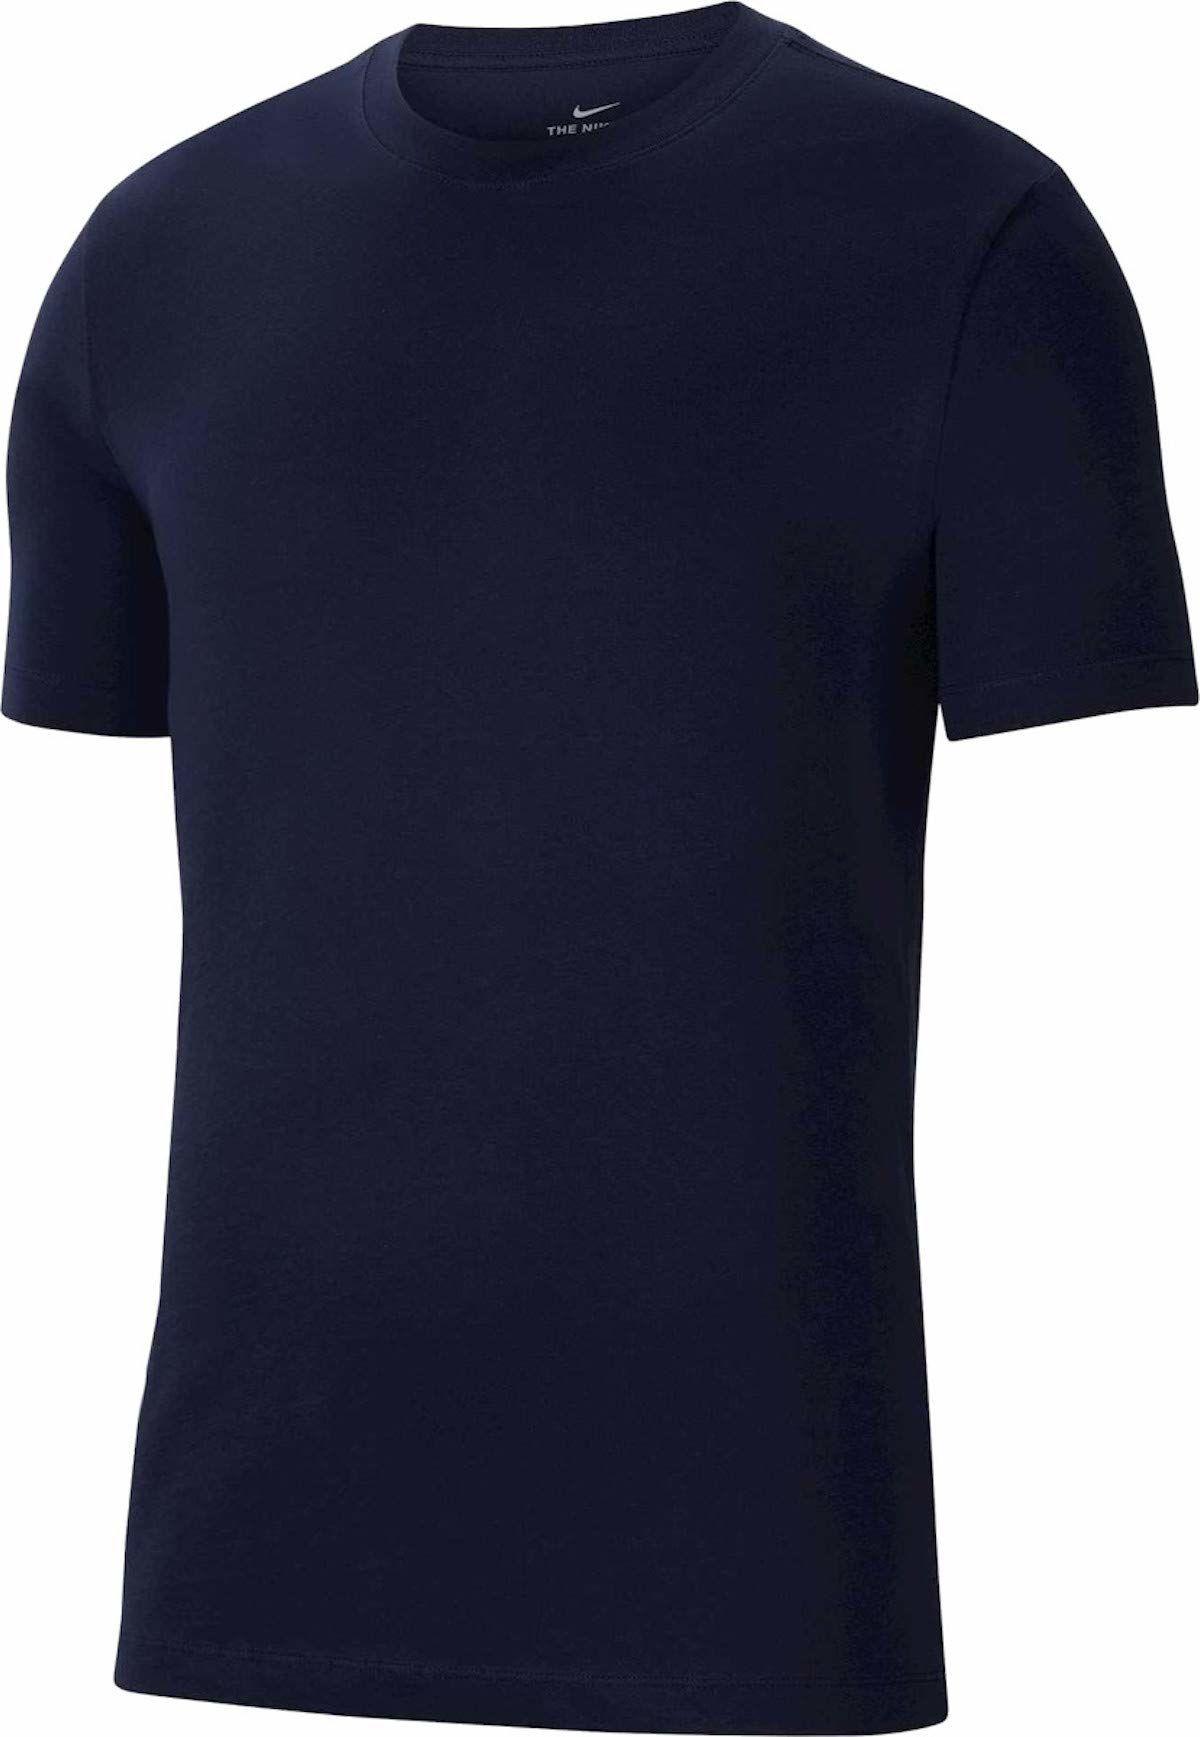 Nike T-shirt męski Team Club 20 Tee obsydianowy/biały XXL